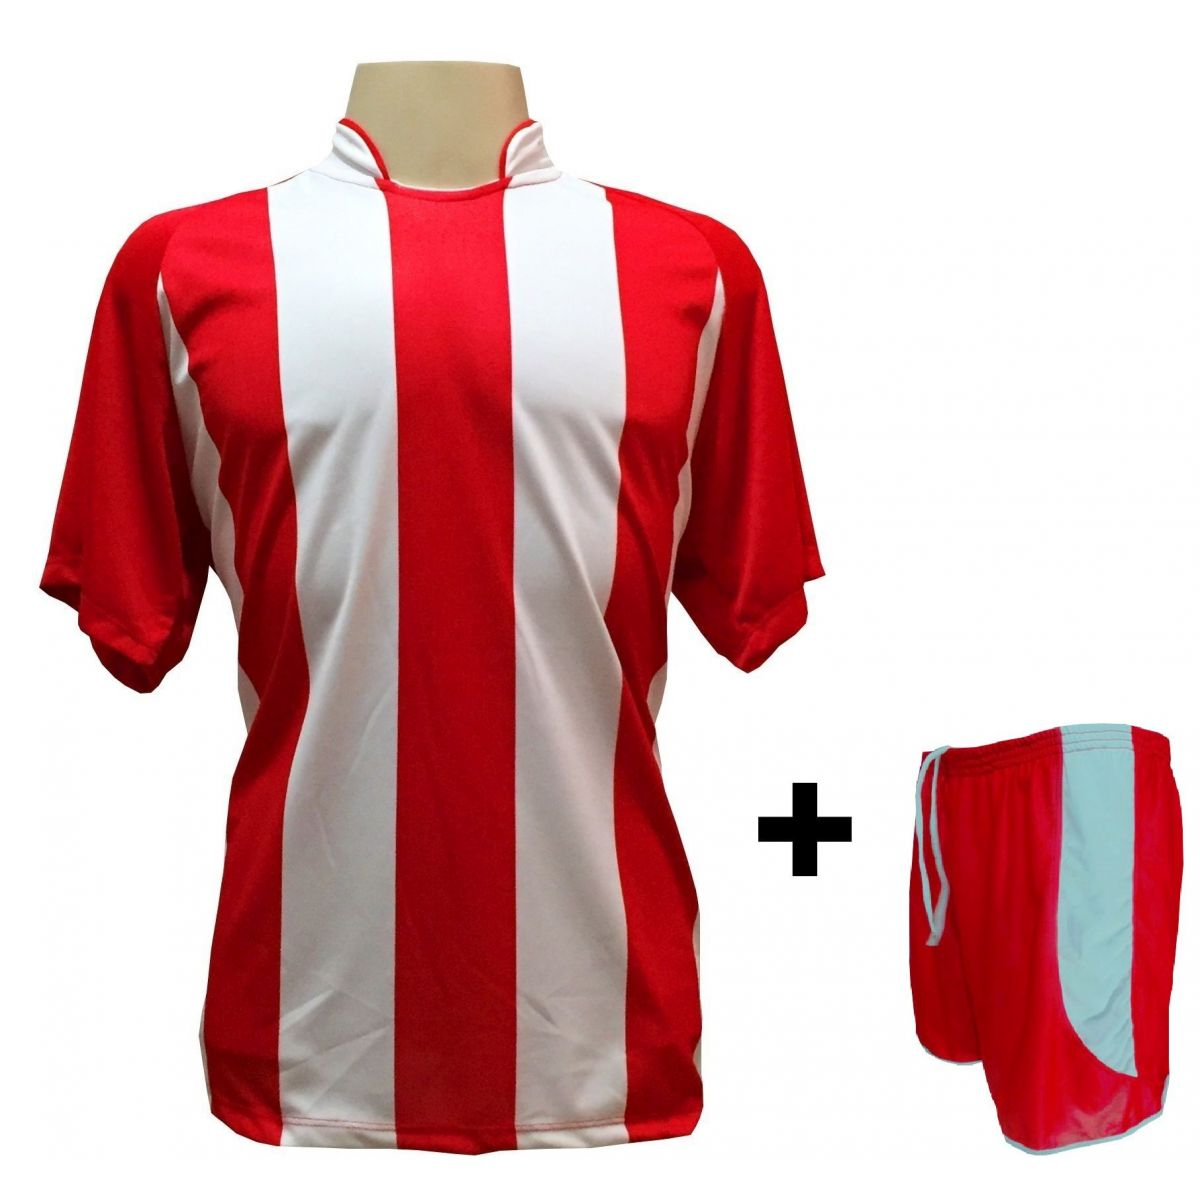 Uniforme Esportivo com 20 camisas modelo Milan Vermelho/Branco + 20 calções modelo Copa + 1 Goleiro + Brindes